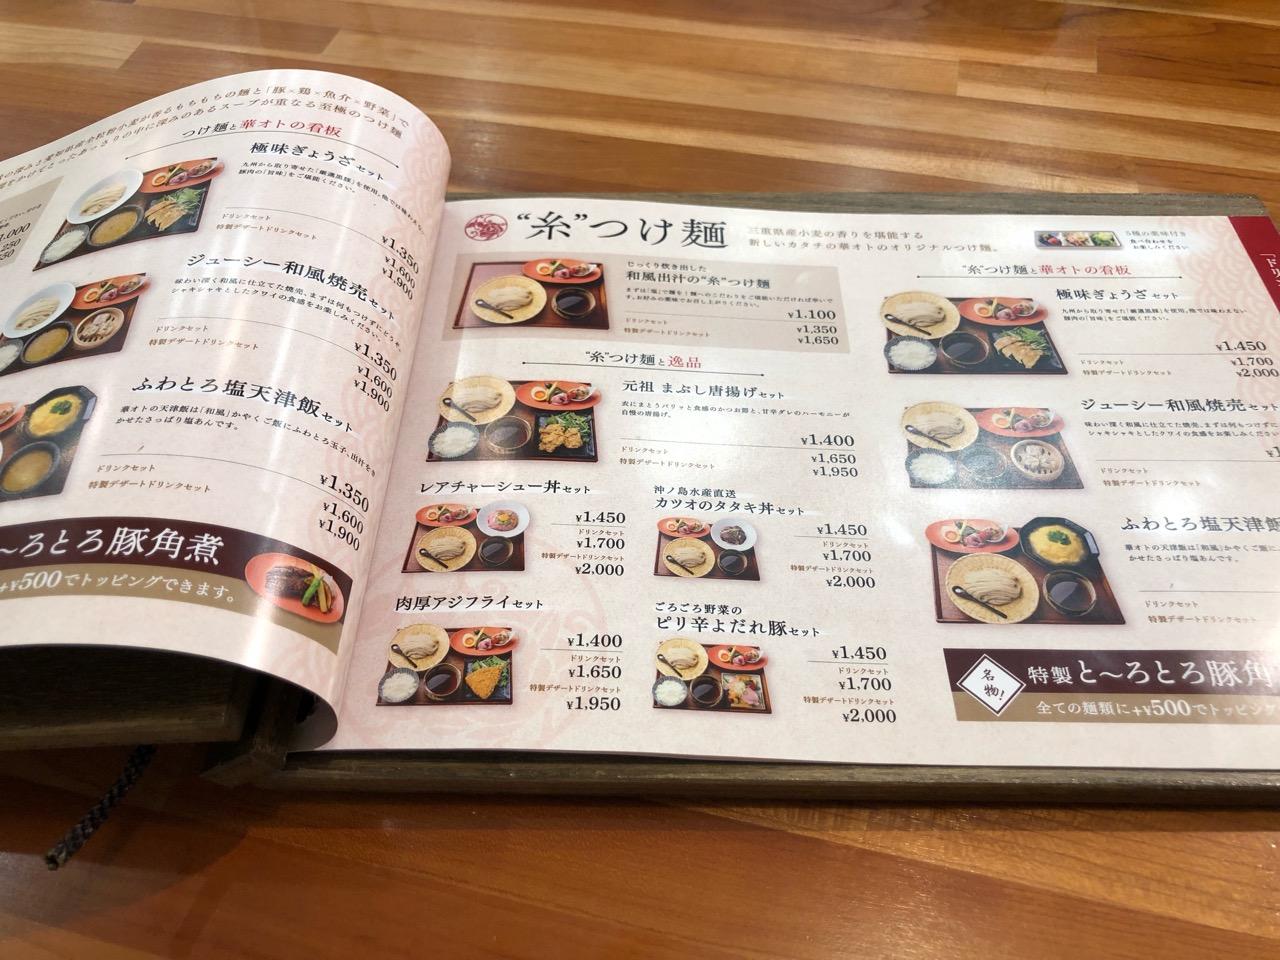 日式麺飯「華オト商店」メニュー